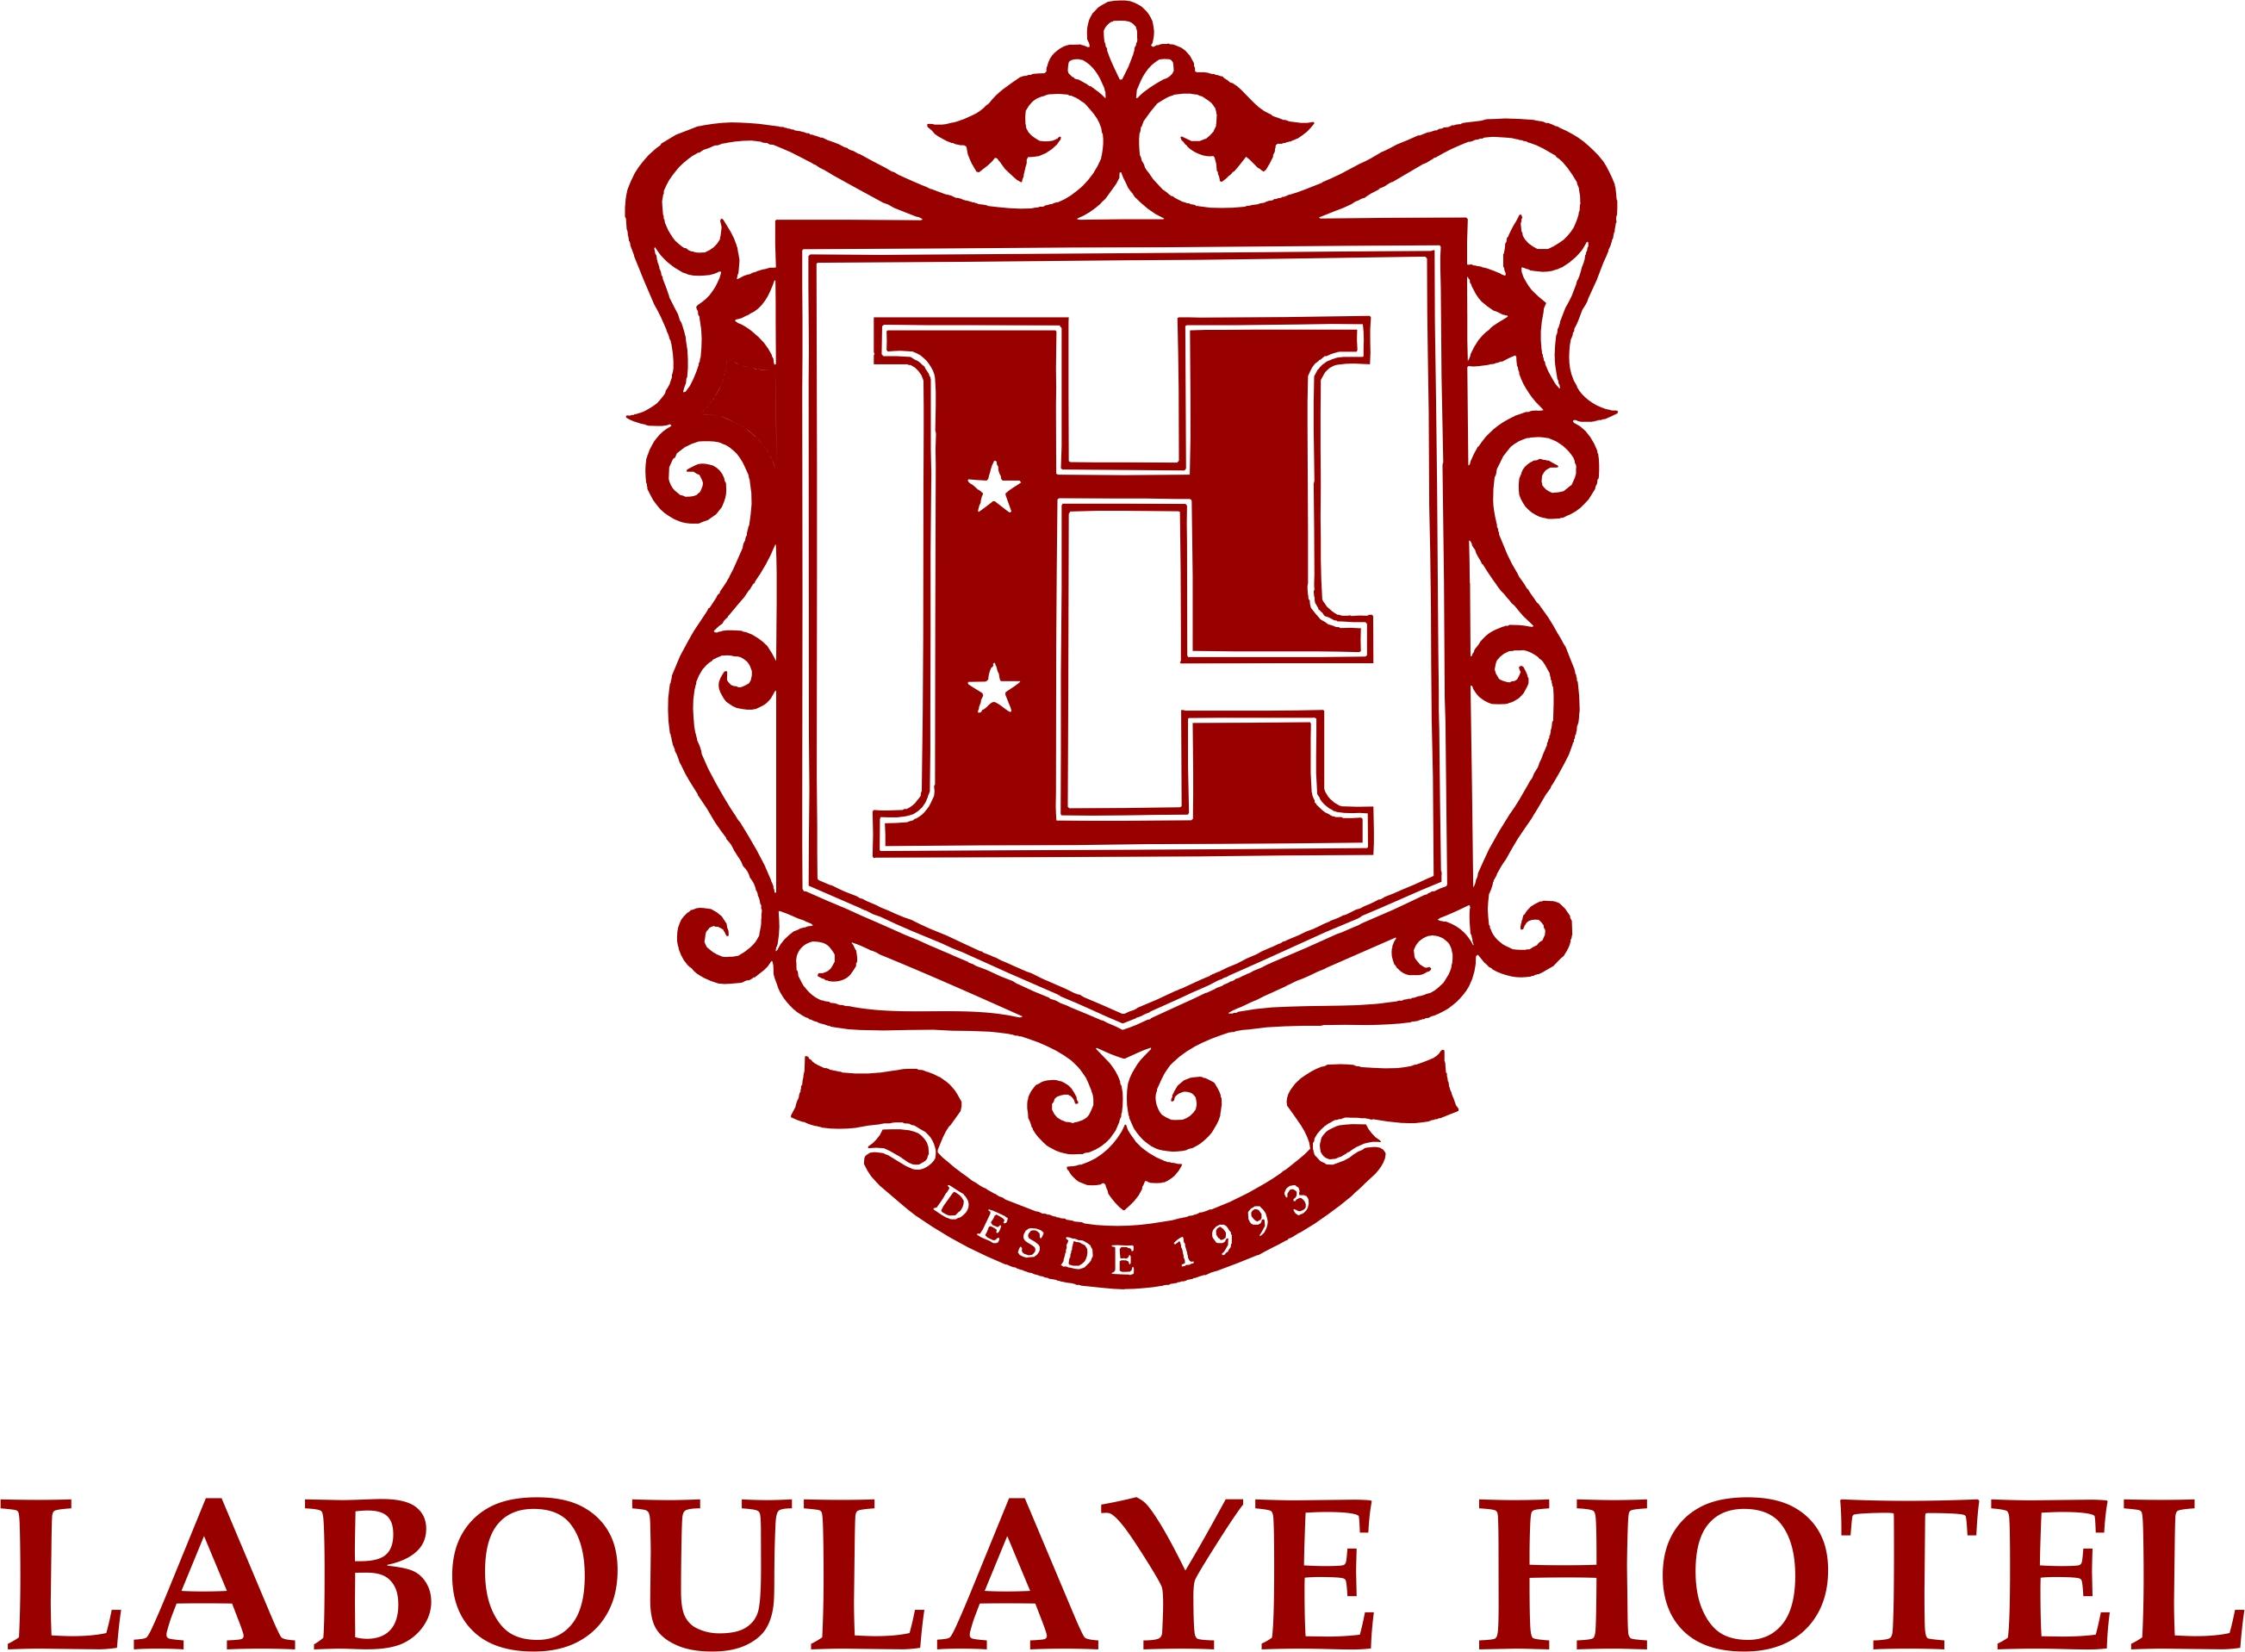 Laboulaye Hotel